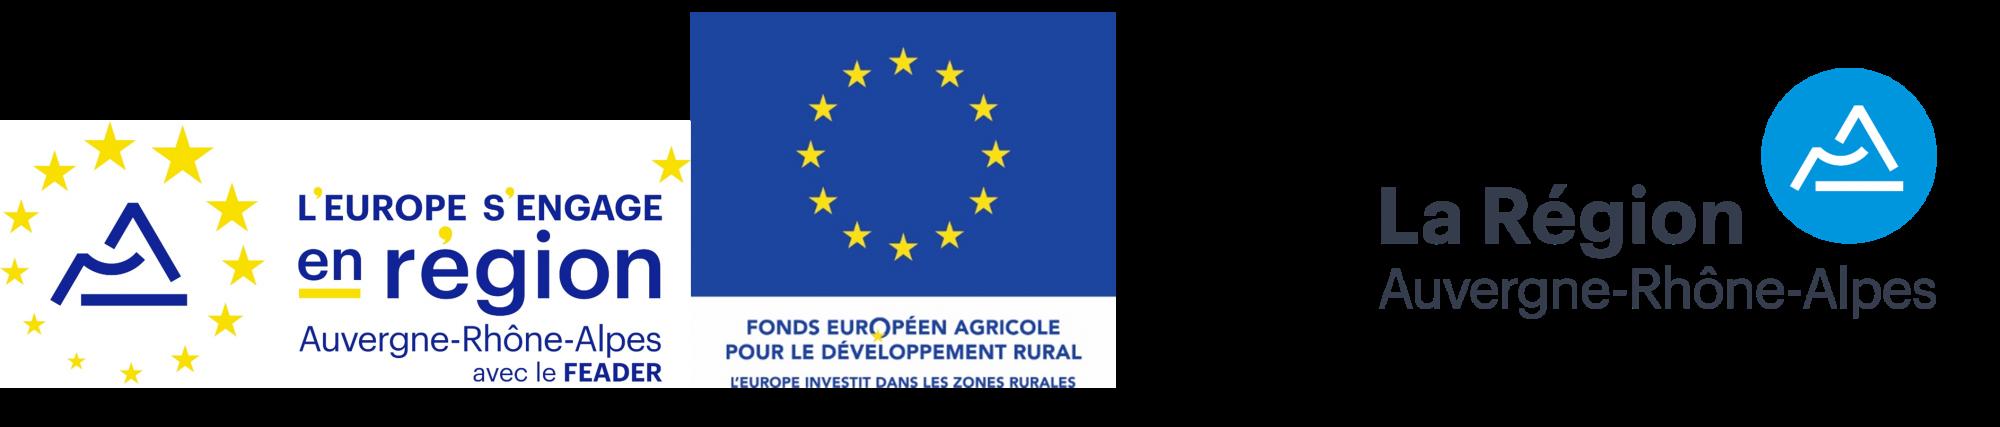 Aide de l'Union Européenne et de la Région Auvergne